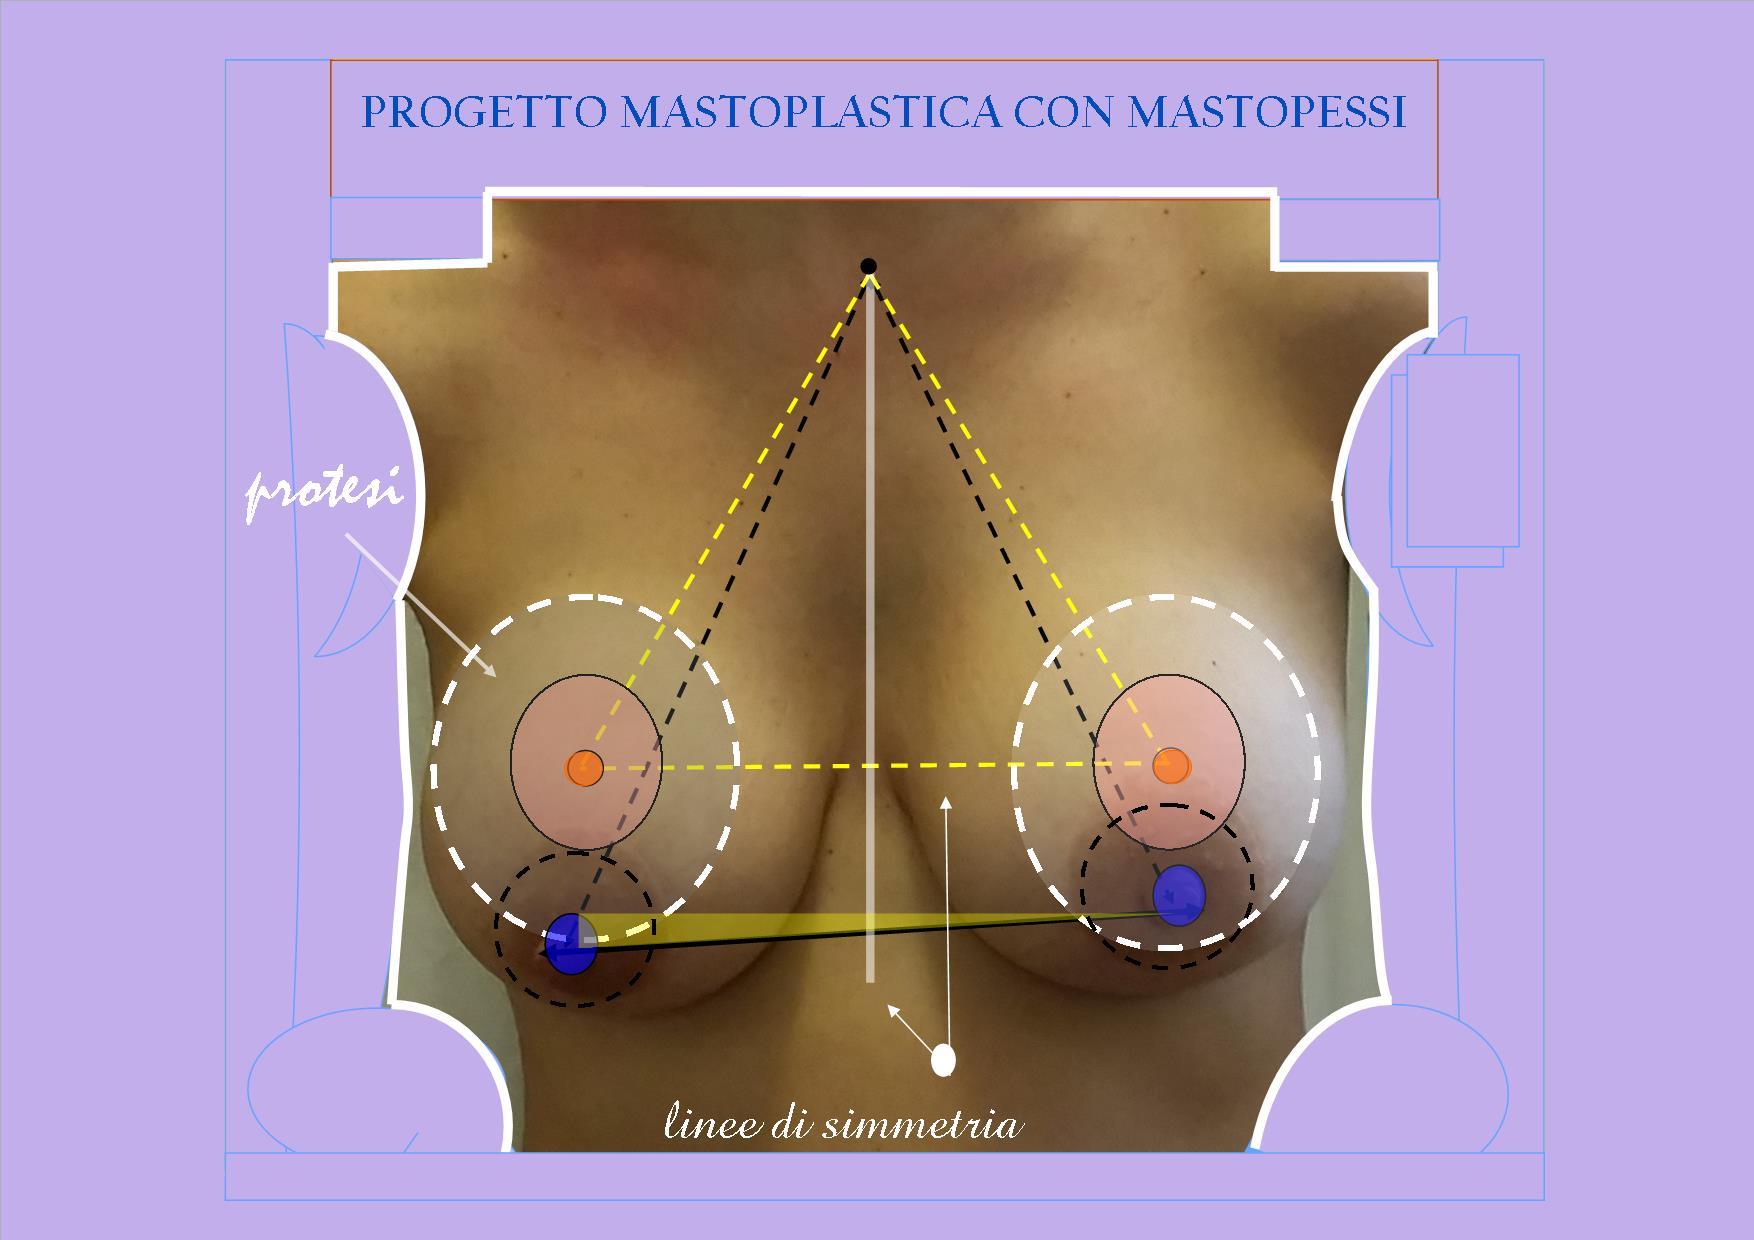 Progetto-mastoplastica-con-mastopessi